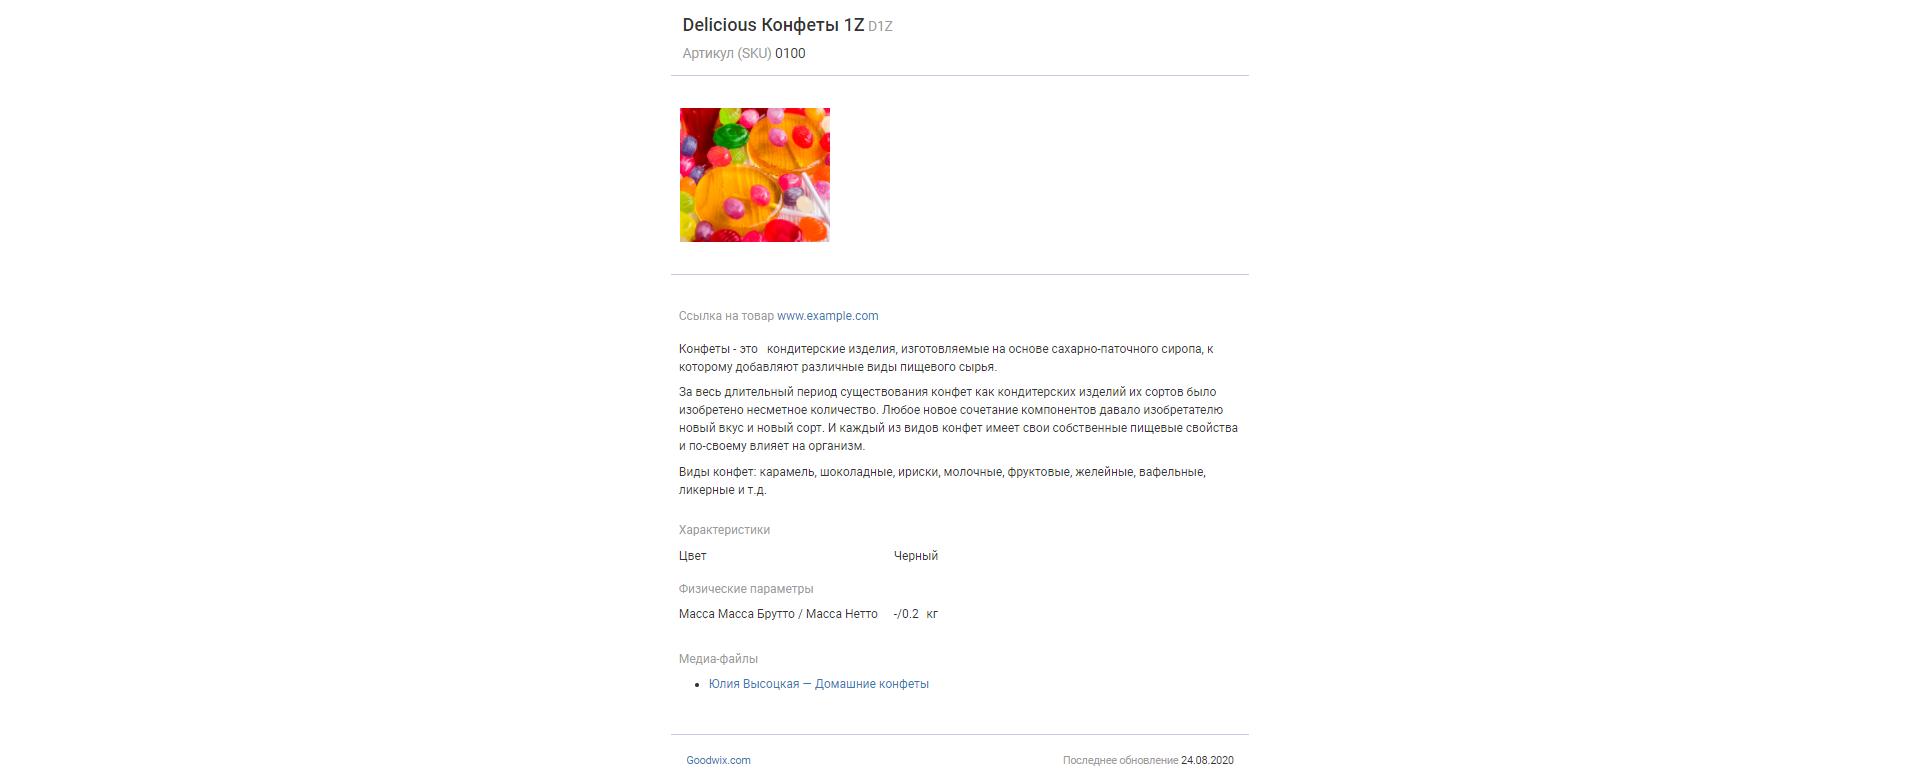 Карточка товара с фото и описанием_Руководство по работе с товарами и заказами поставщикам